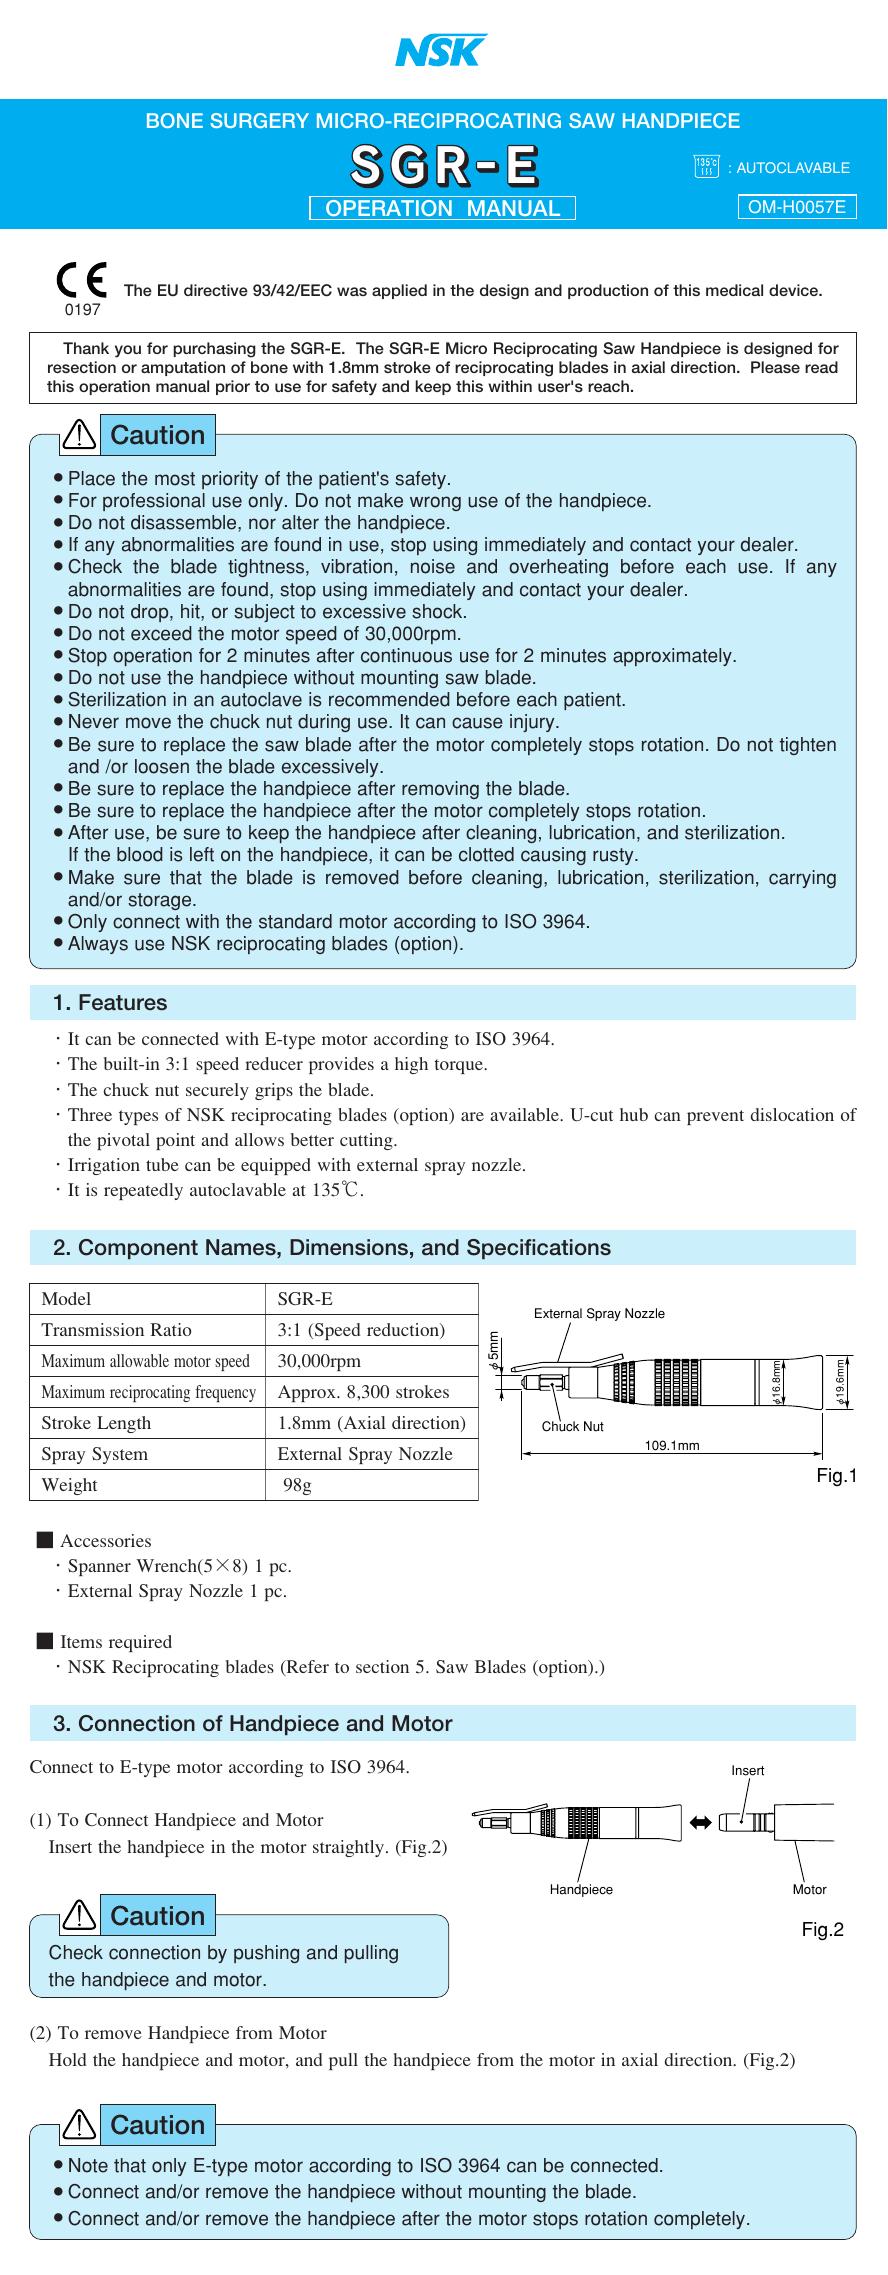 SGR-E PDF - NSK Tech | manualzz.com